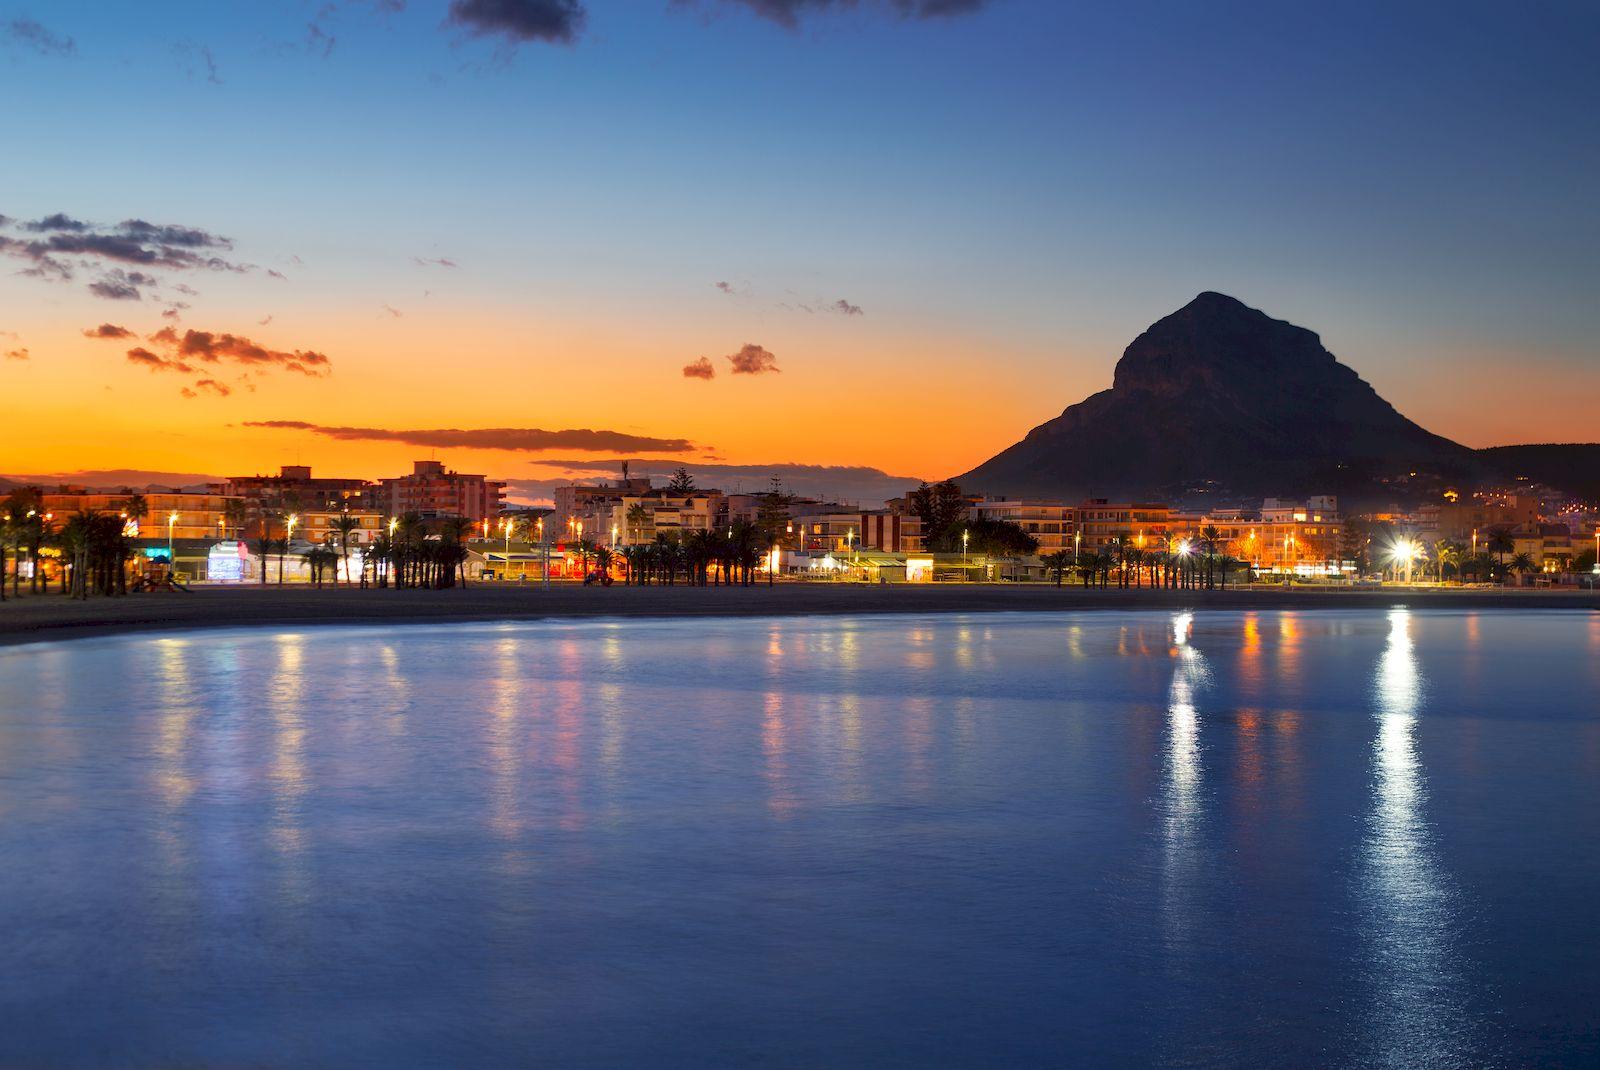 Promocion de Obra Nueva a la venta en el puerto de Javea - Costa Blanca